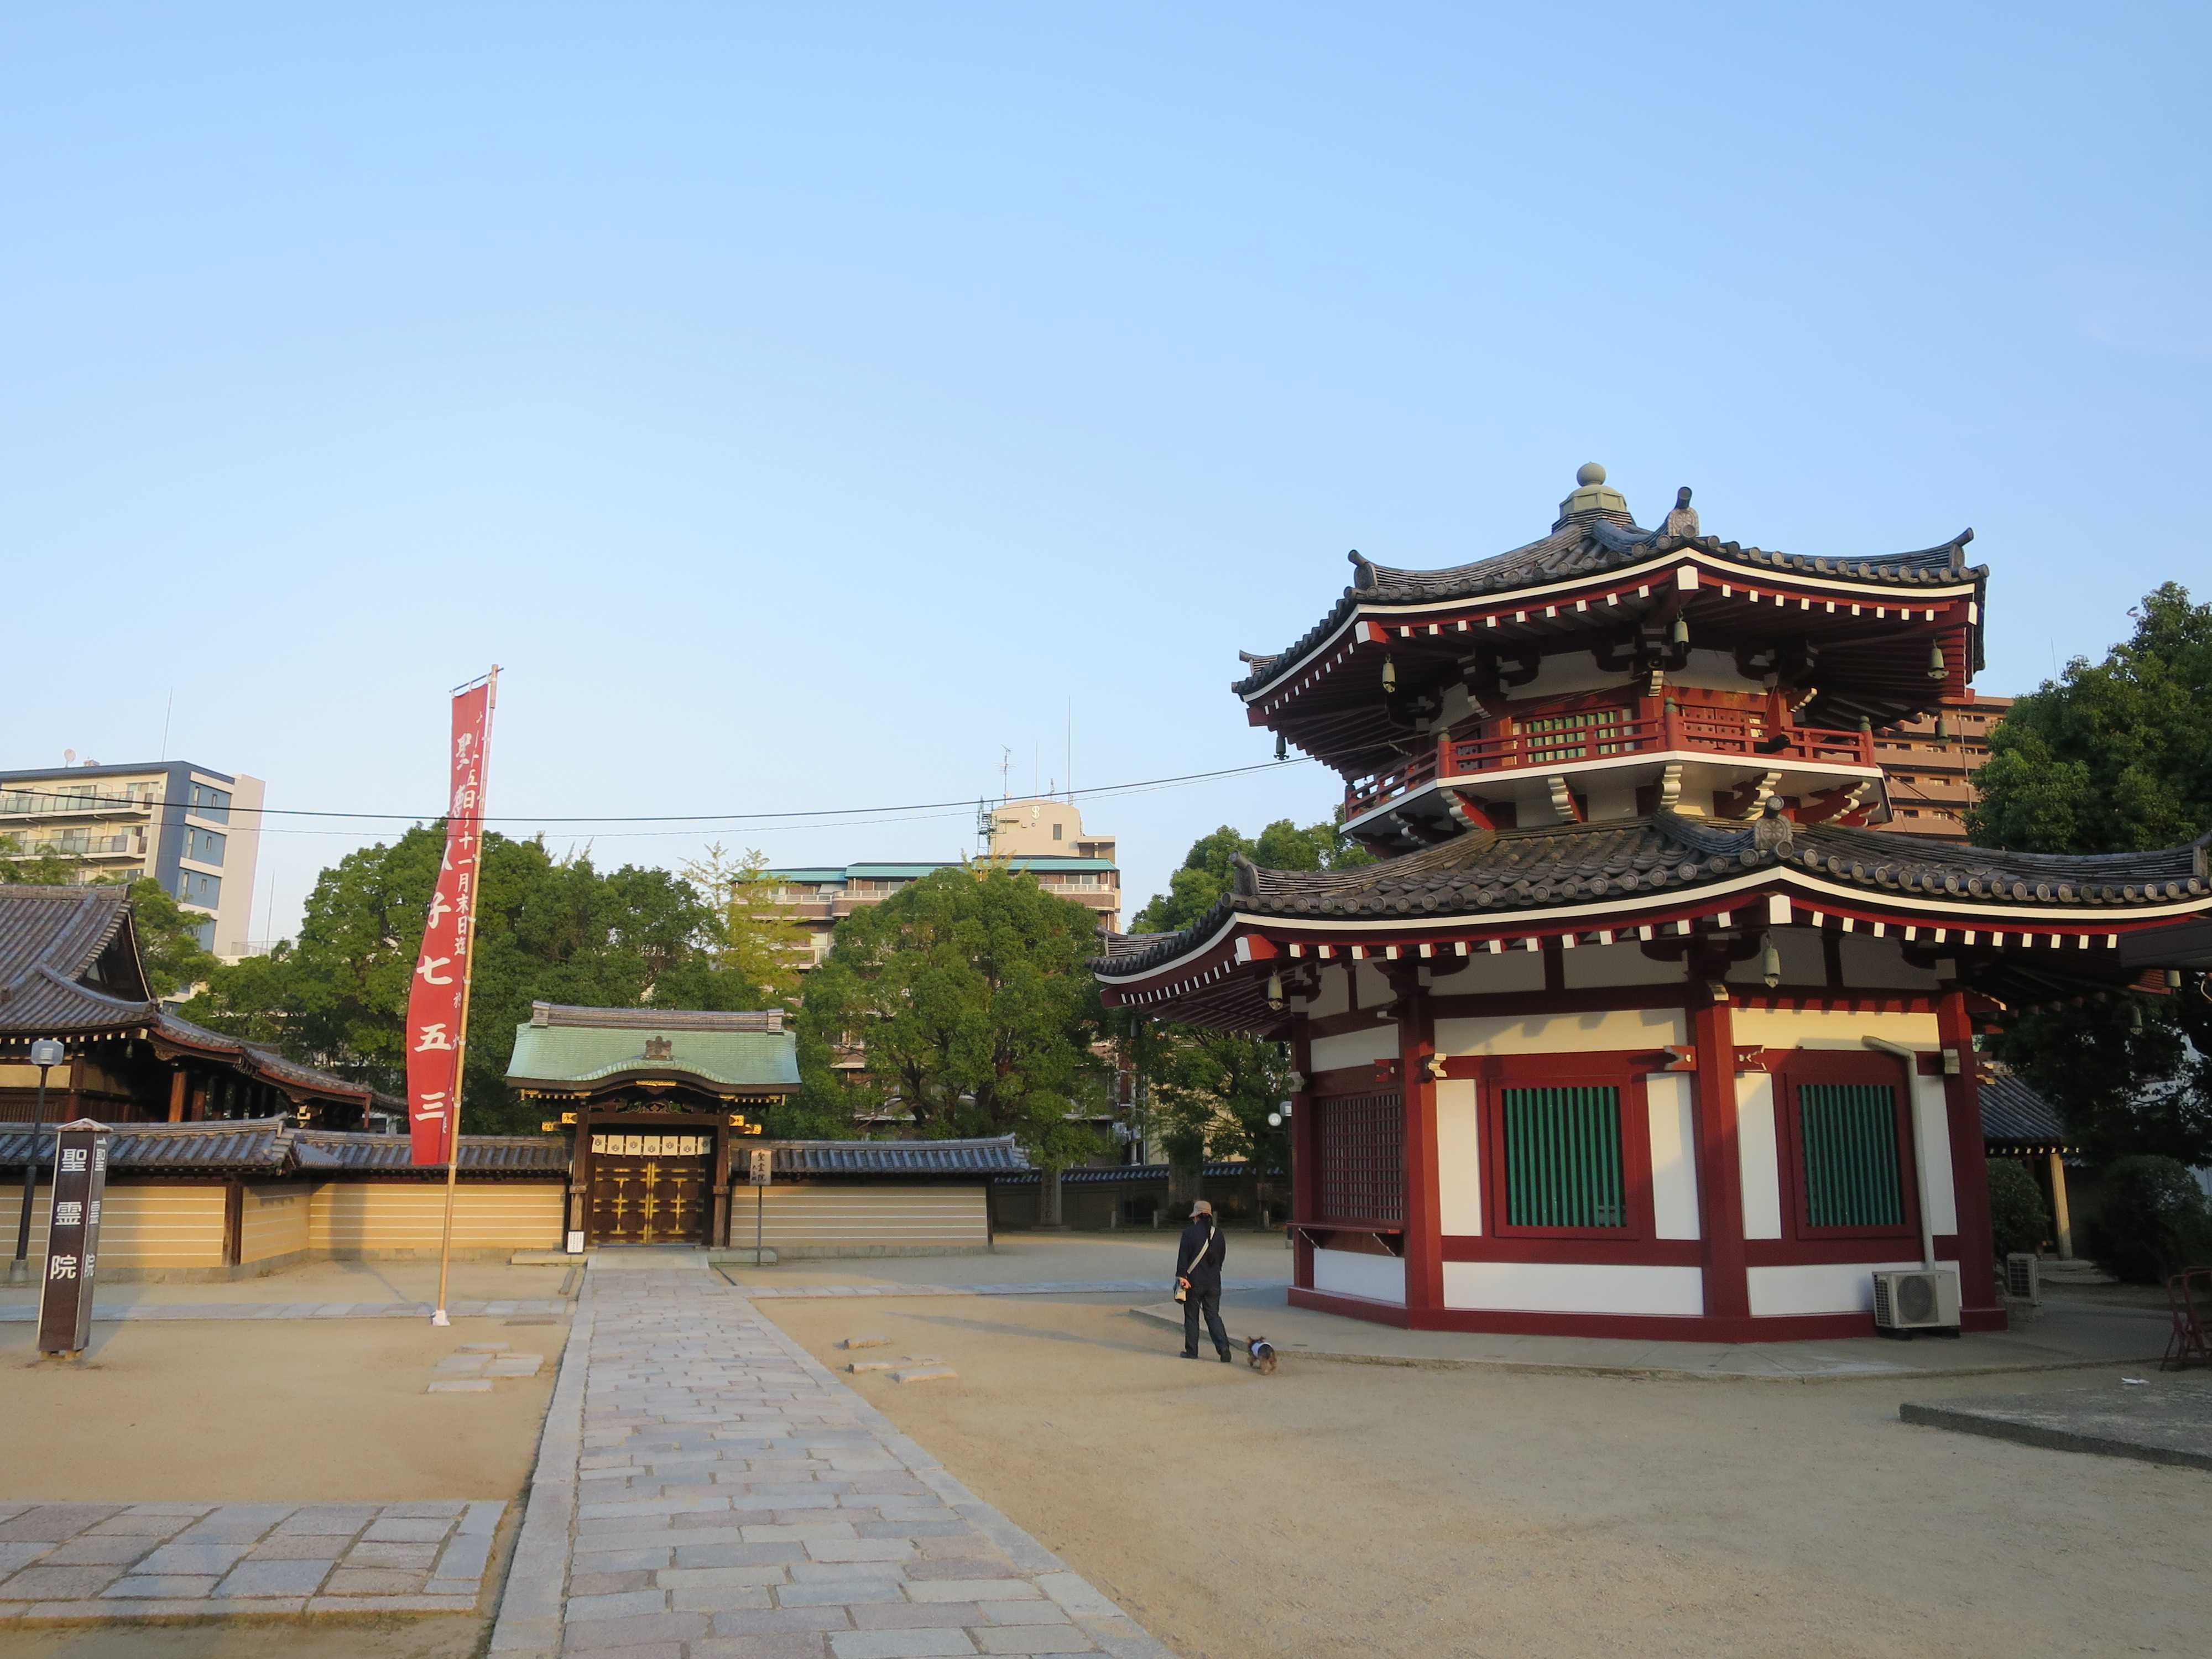 四天王寺 南鐘堂(鯨鐘楼)